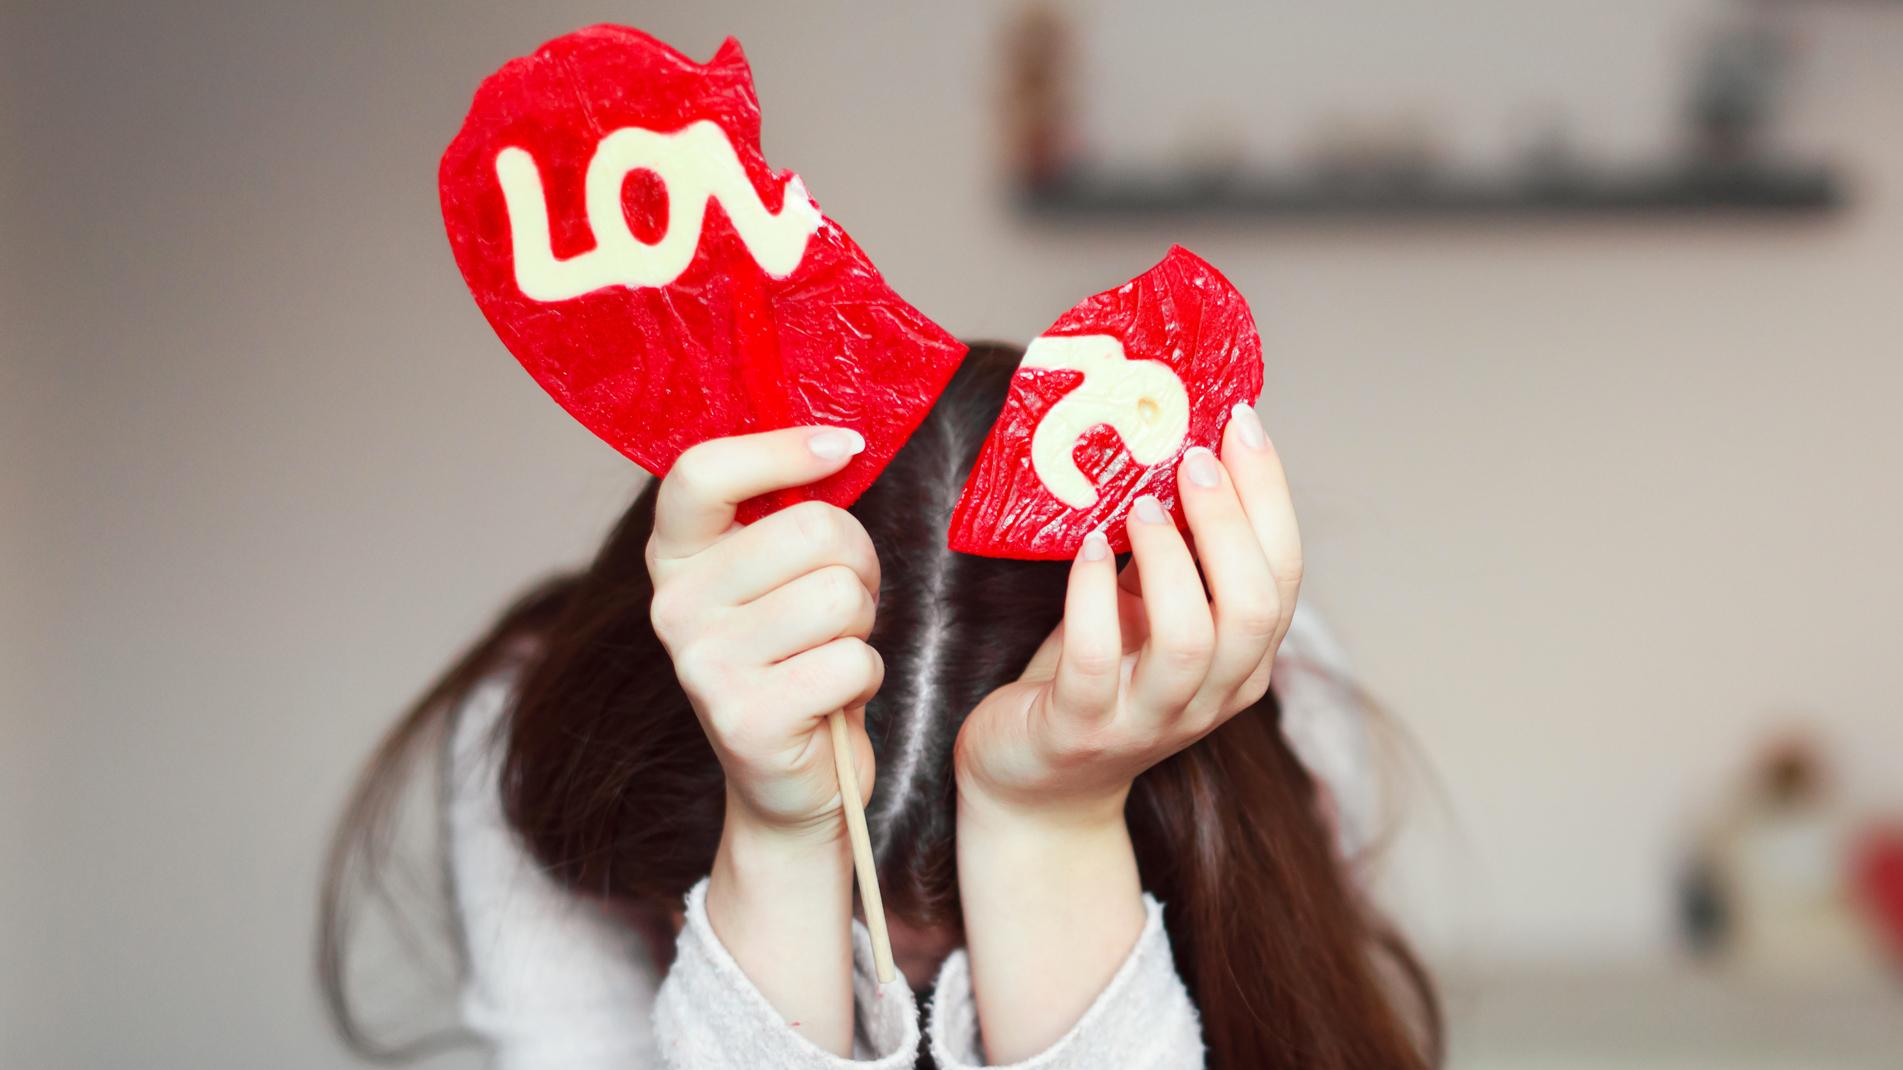 La rabbia che nasconde l'amore